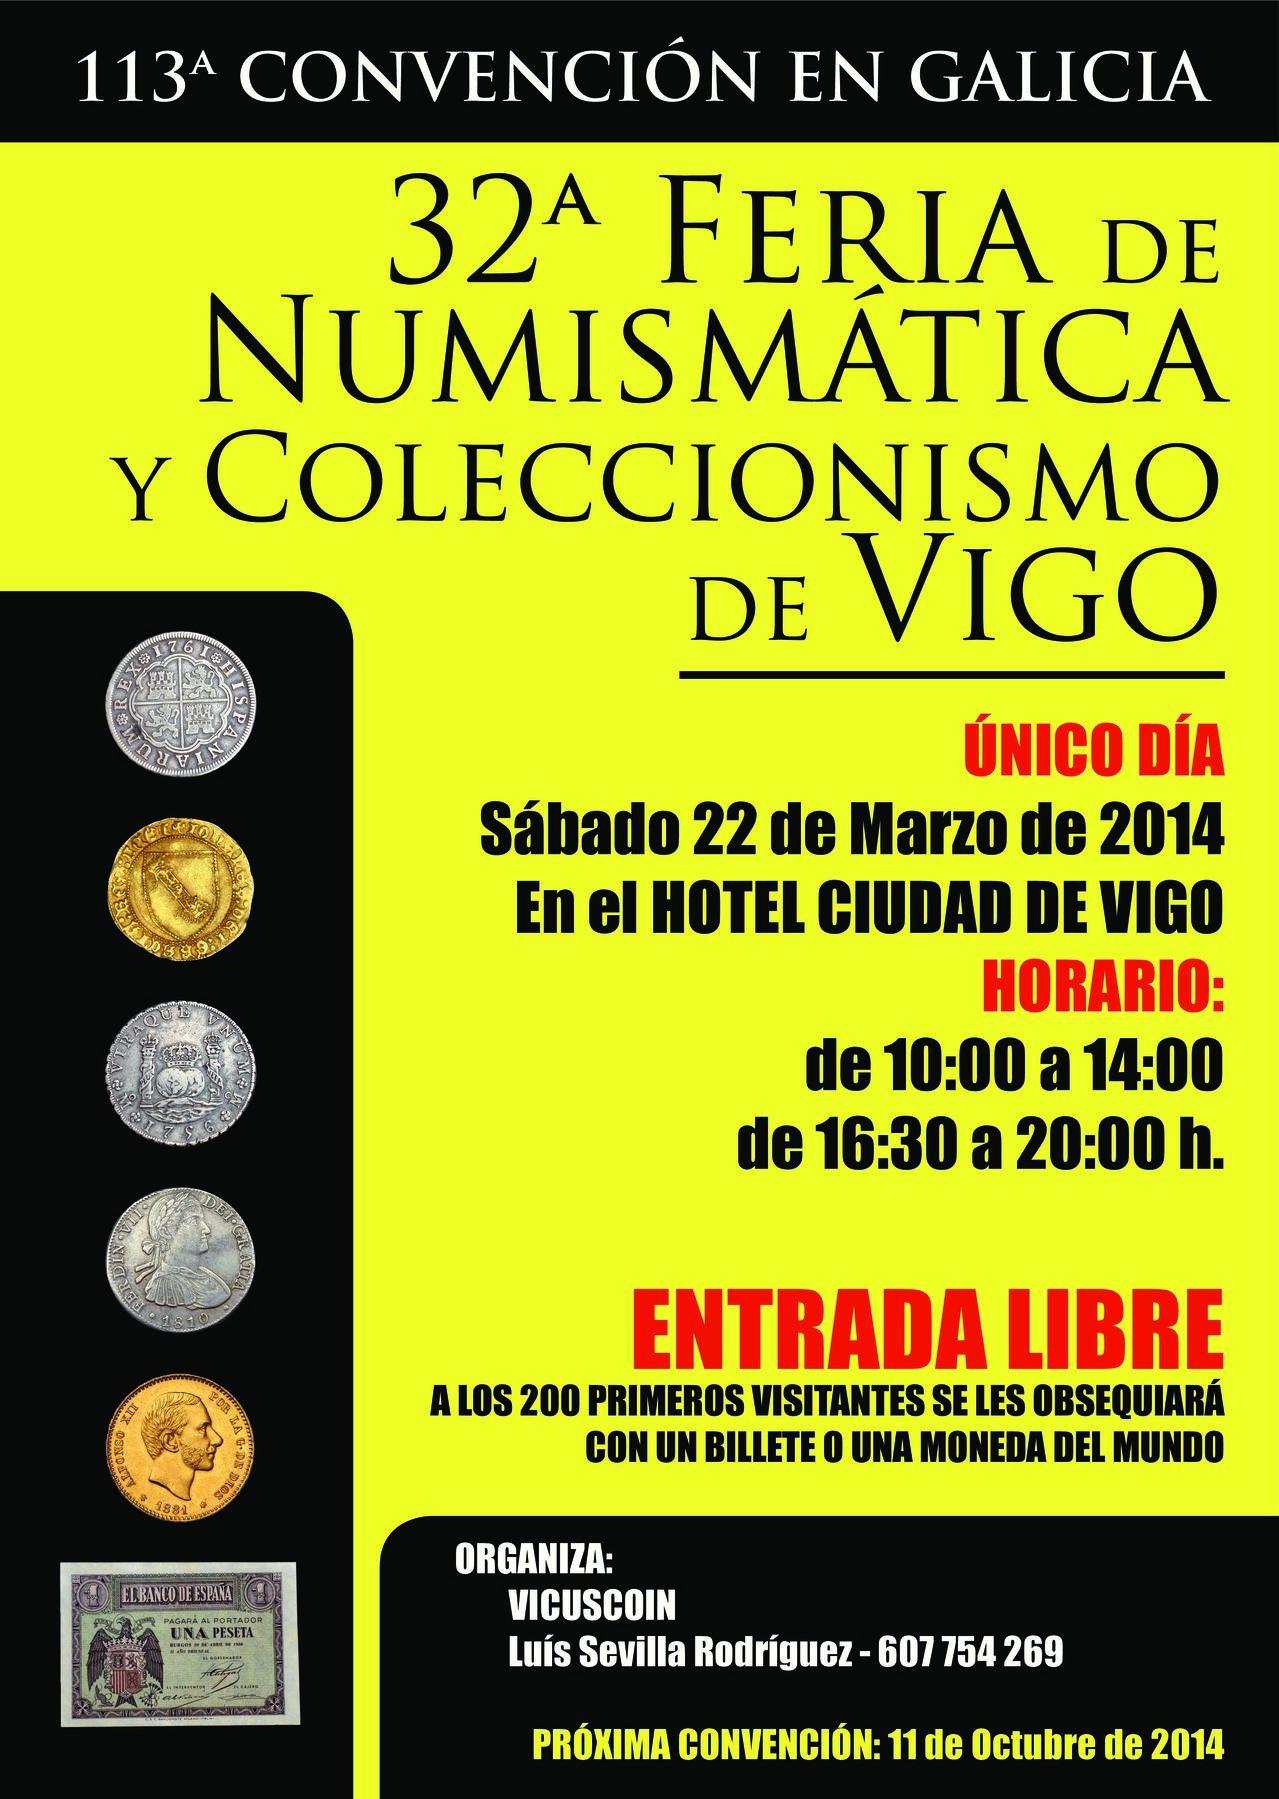 CONVENCION EN VIGO Page_1_Cartel_Numismatica_1